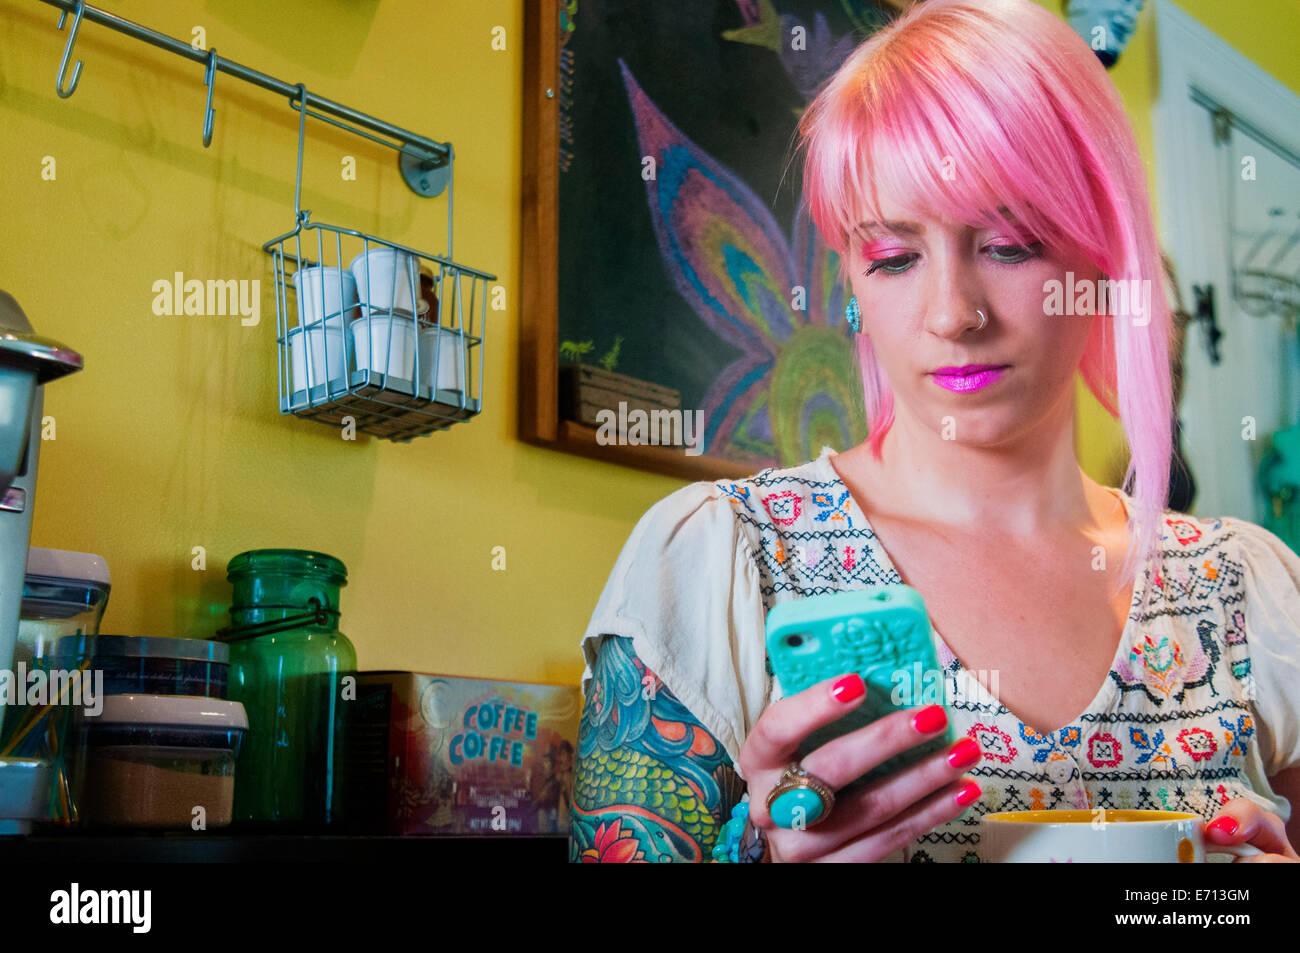 Mujer joven con el pelo rosa leyendo un mensaje de texto en el teléfono inteligente en la cocina Imagen De Stock